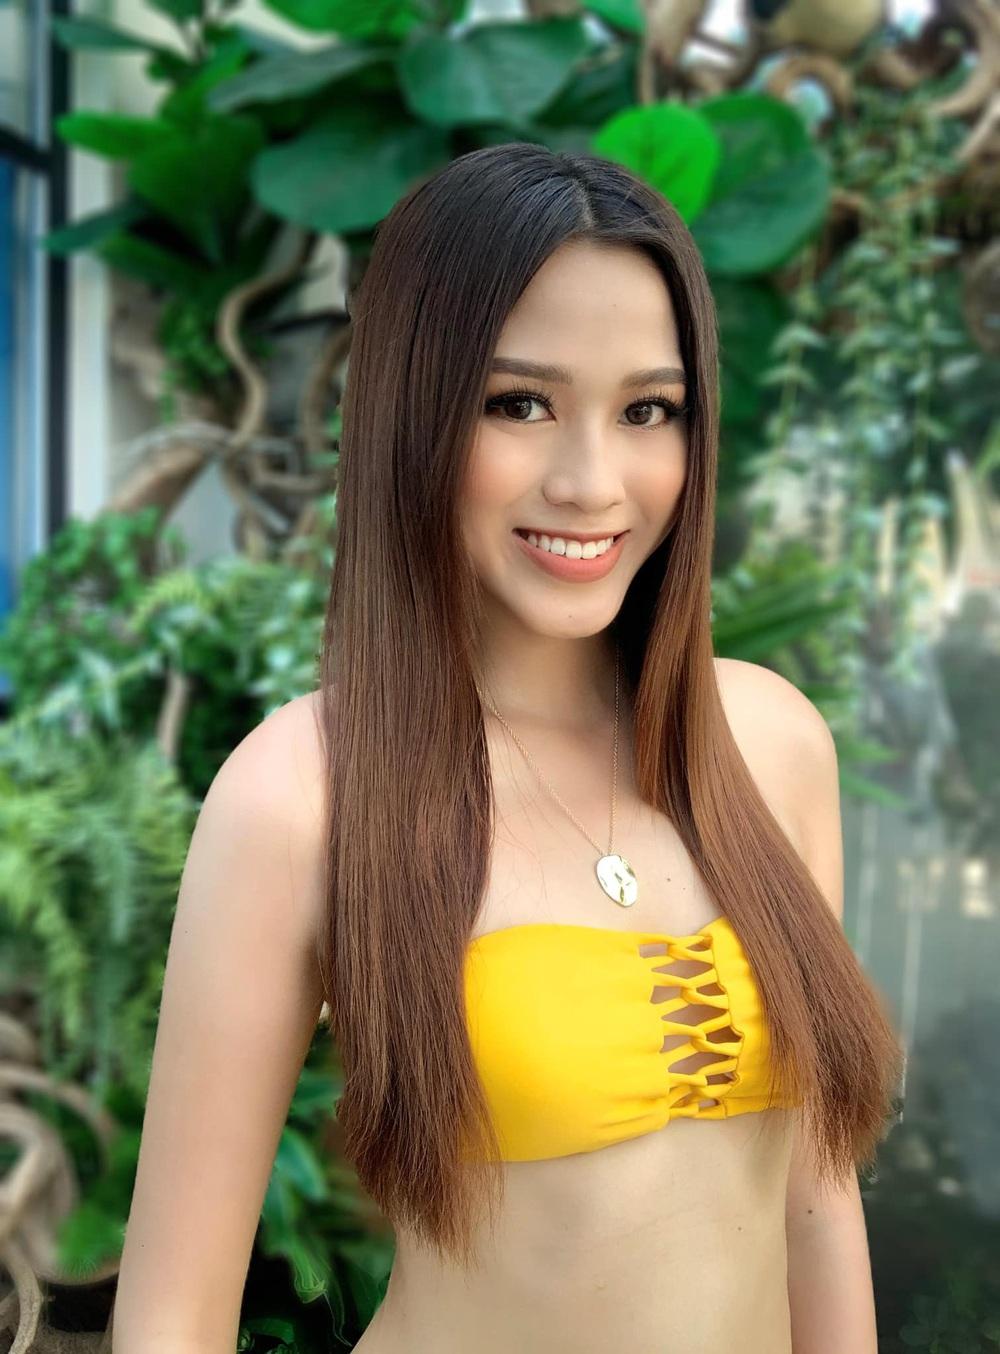 Hành trình từ nữ sinh Thanh Hóa đến tân Hoa hậu Việt Nam 2020 của Đỗ Thị Hà - Ảnh 5.